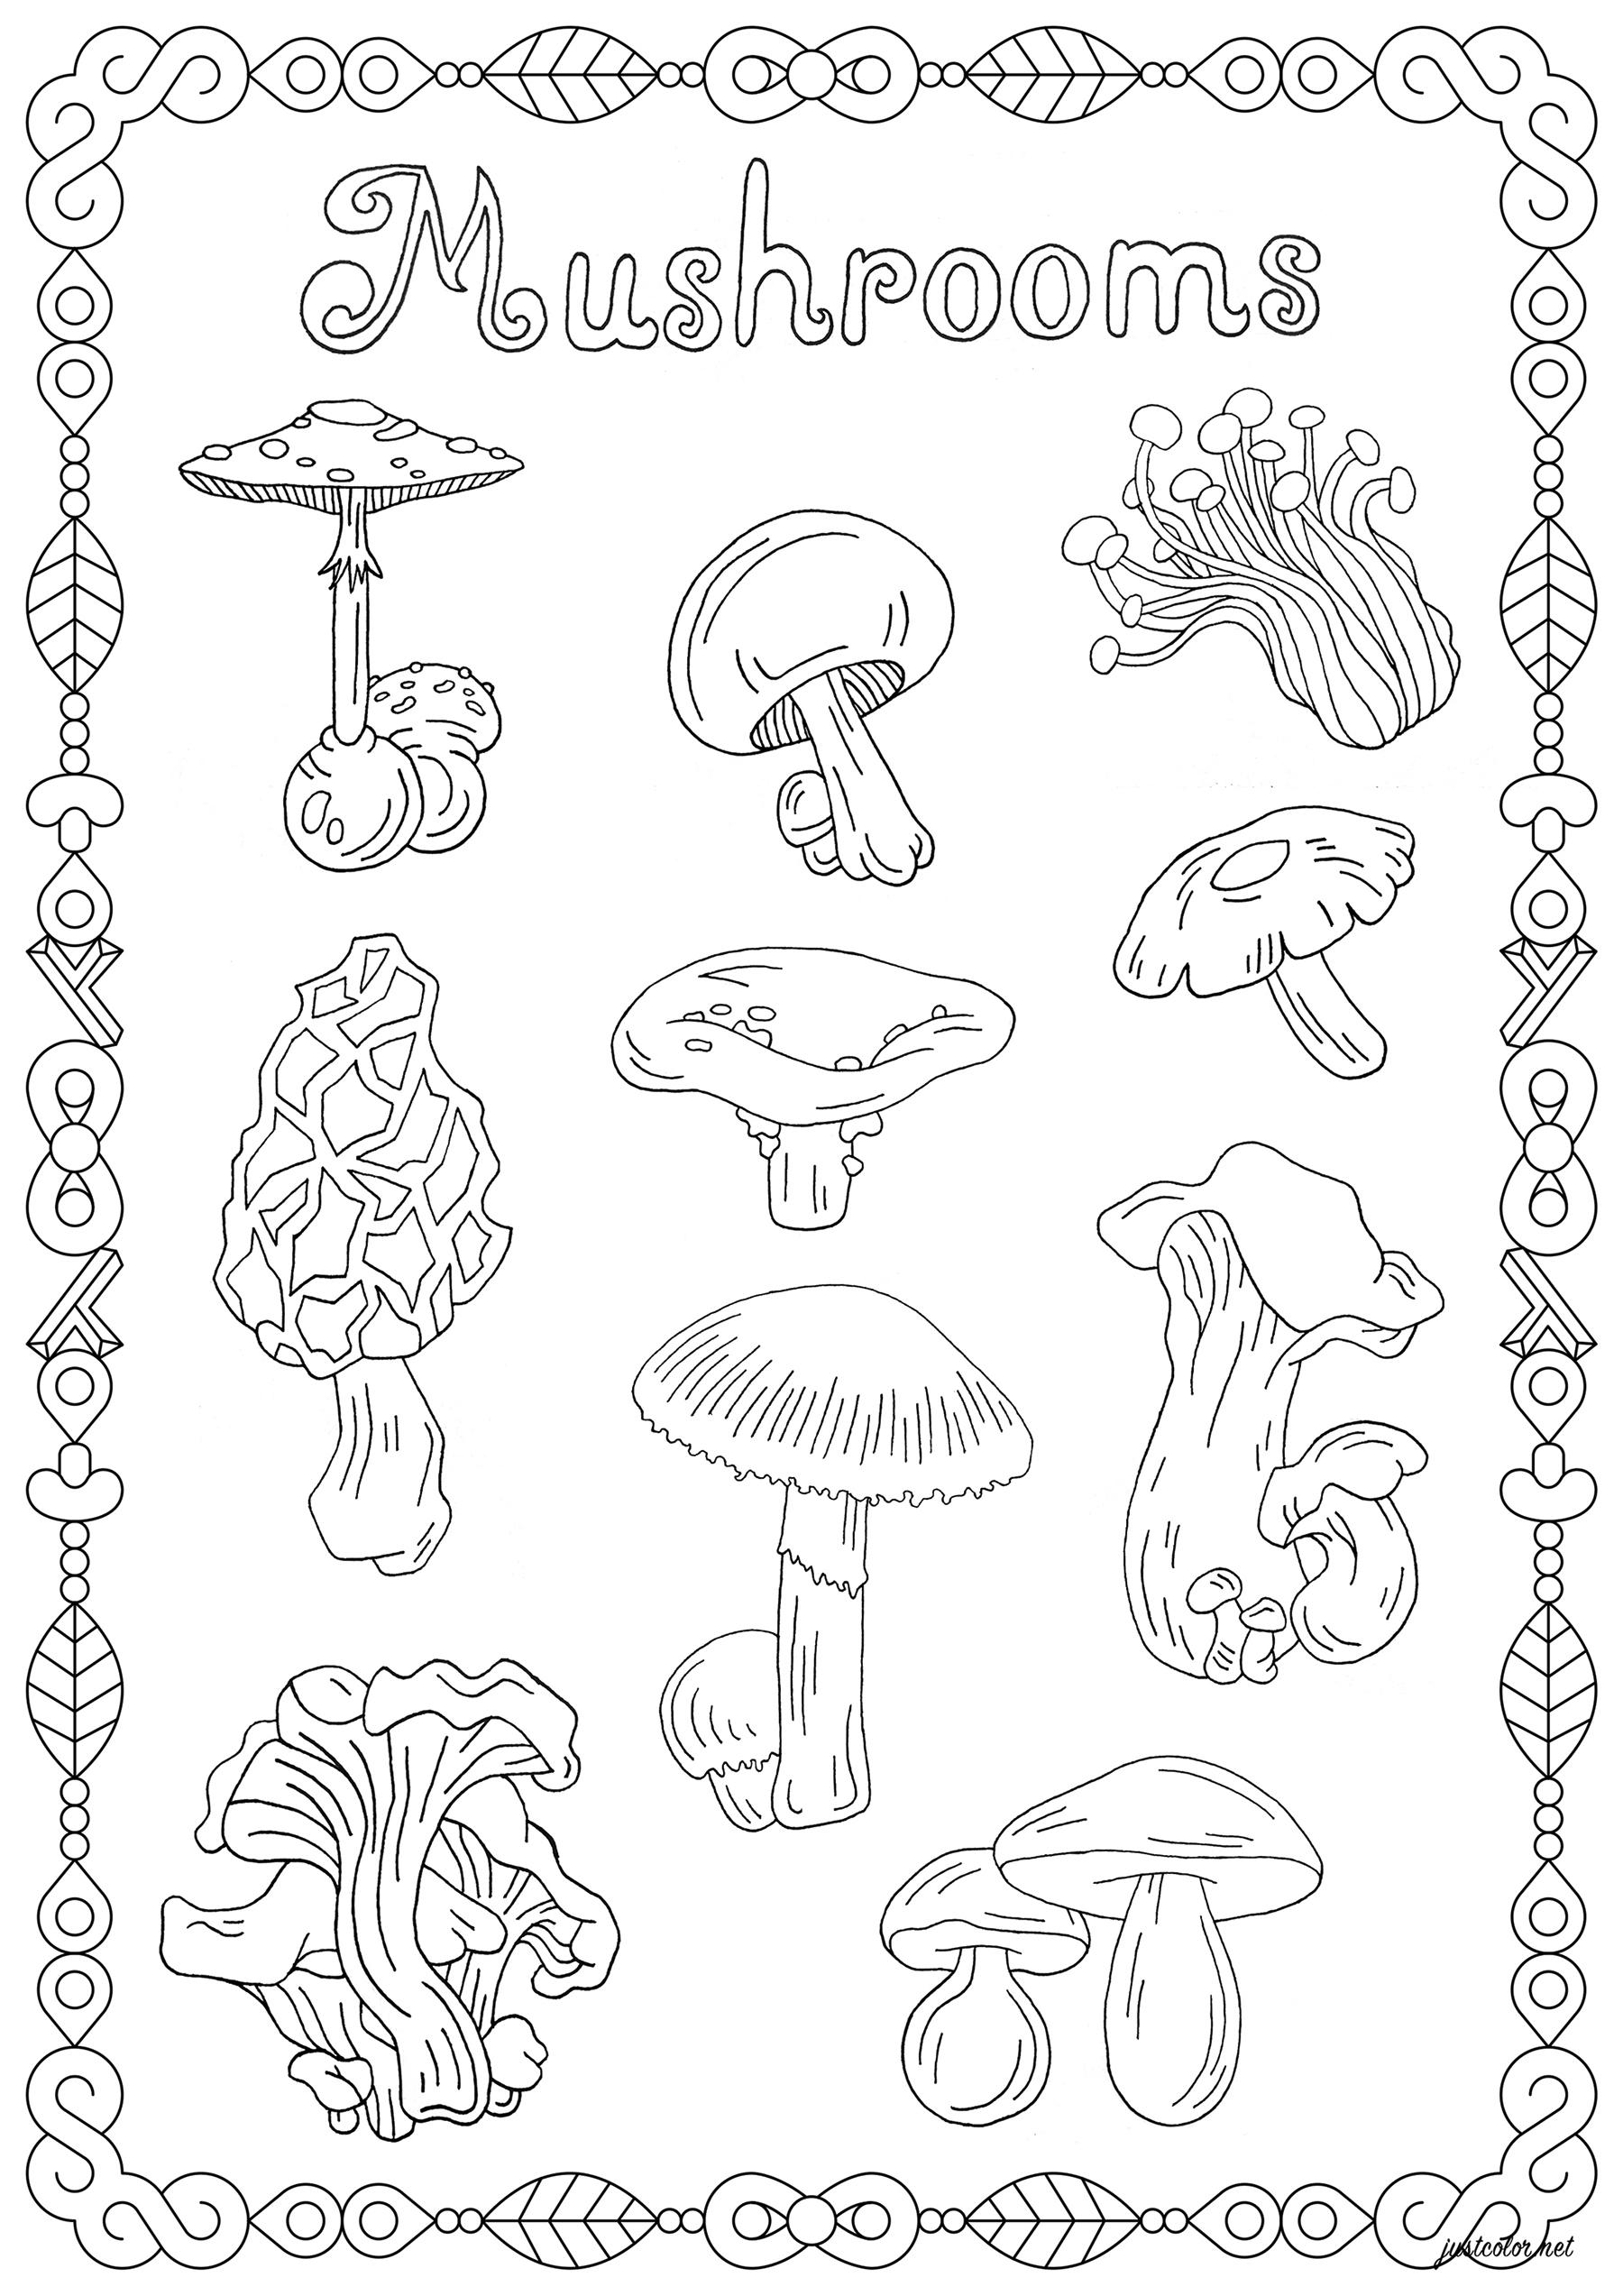 Disegni da Colorare per Adulti : Fiori e vegetazione - 1